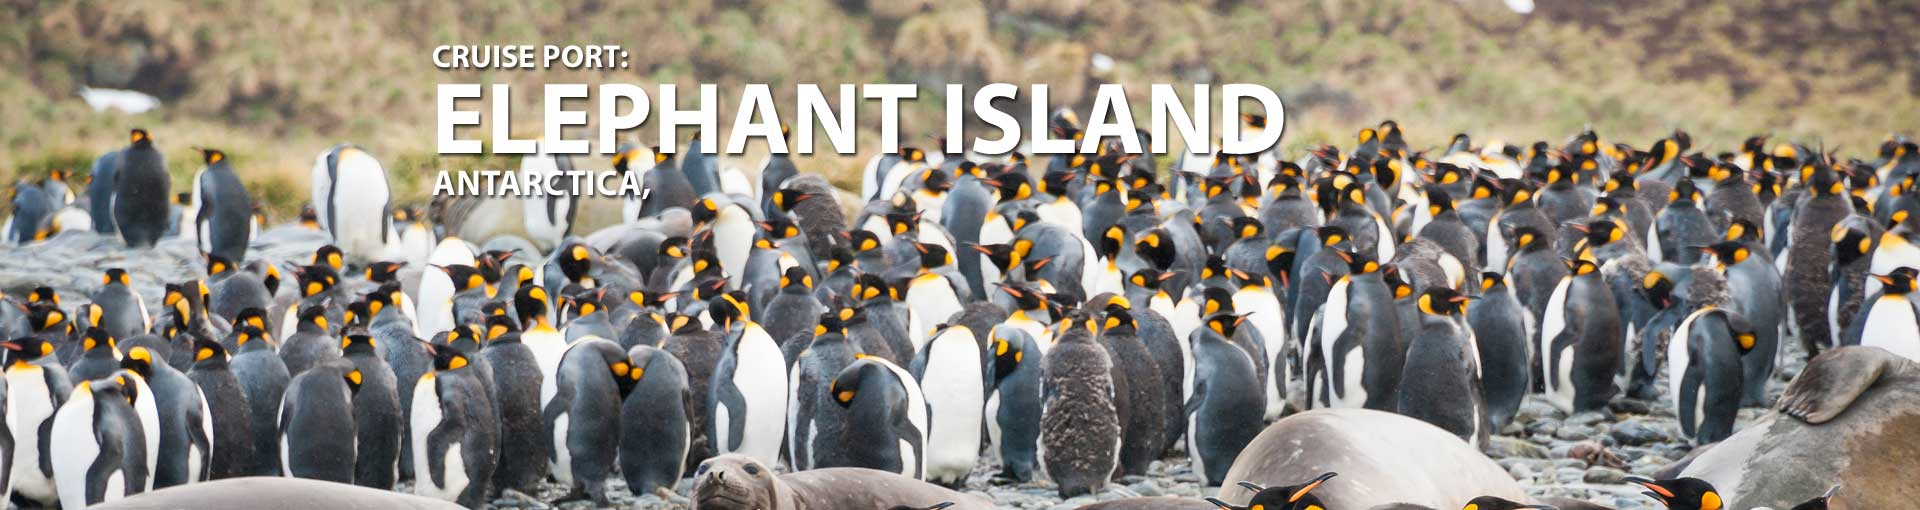 Cruises to Elephant Island, Antarctica